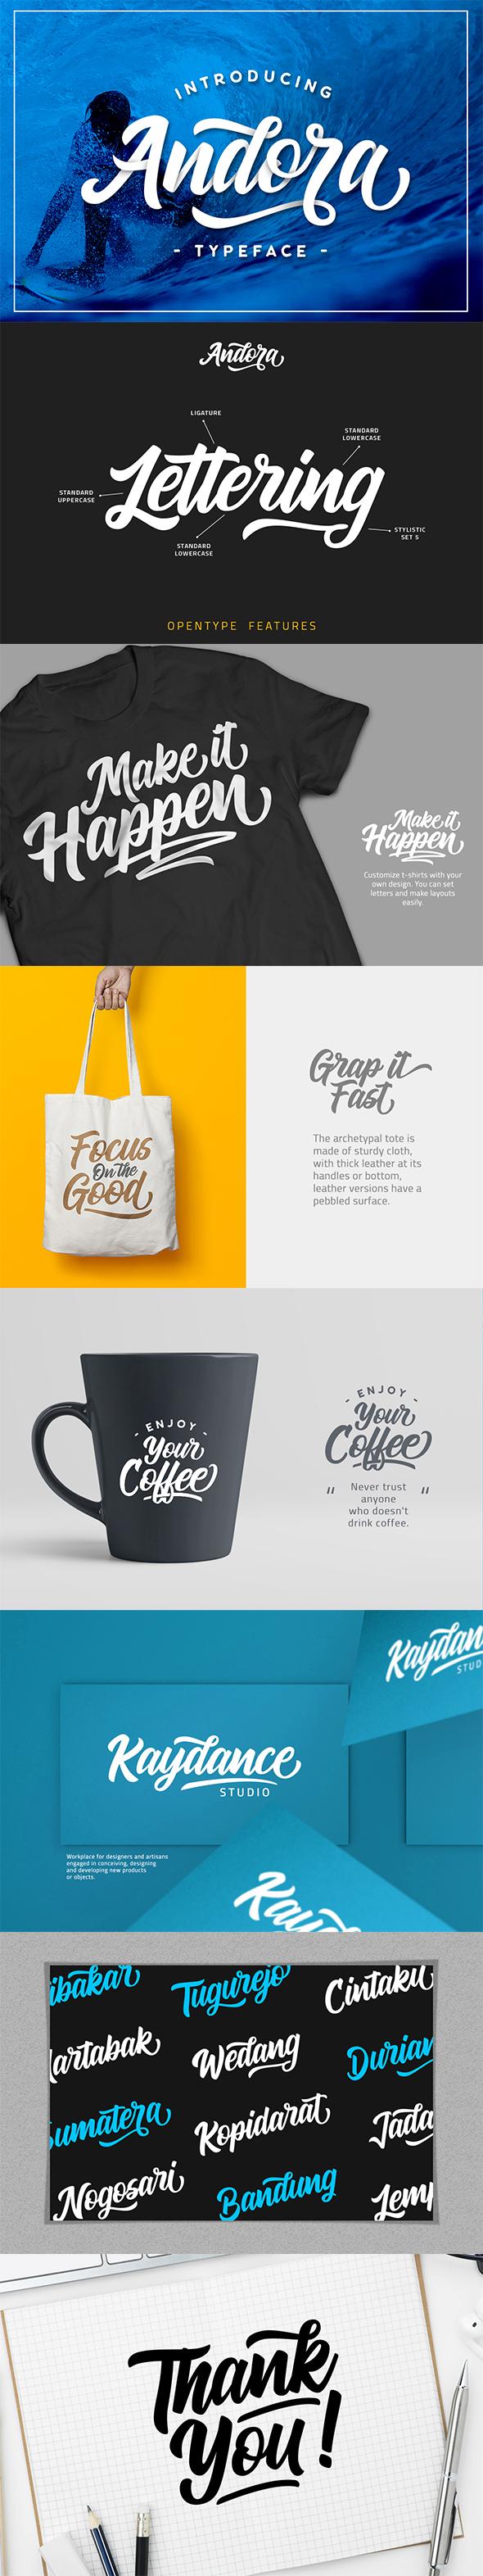 Andora Typeface - Script Fonts